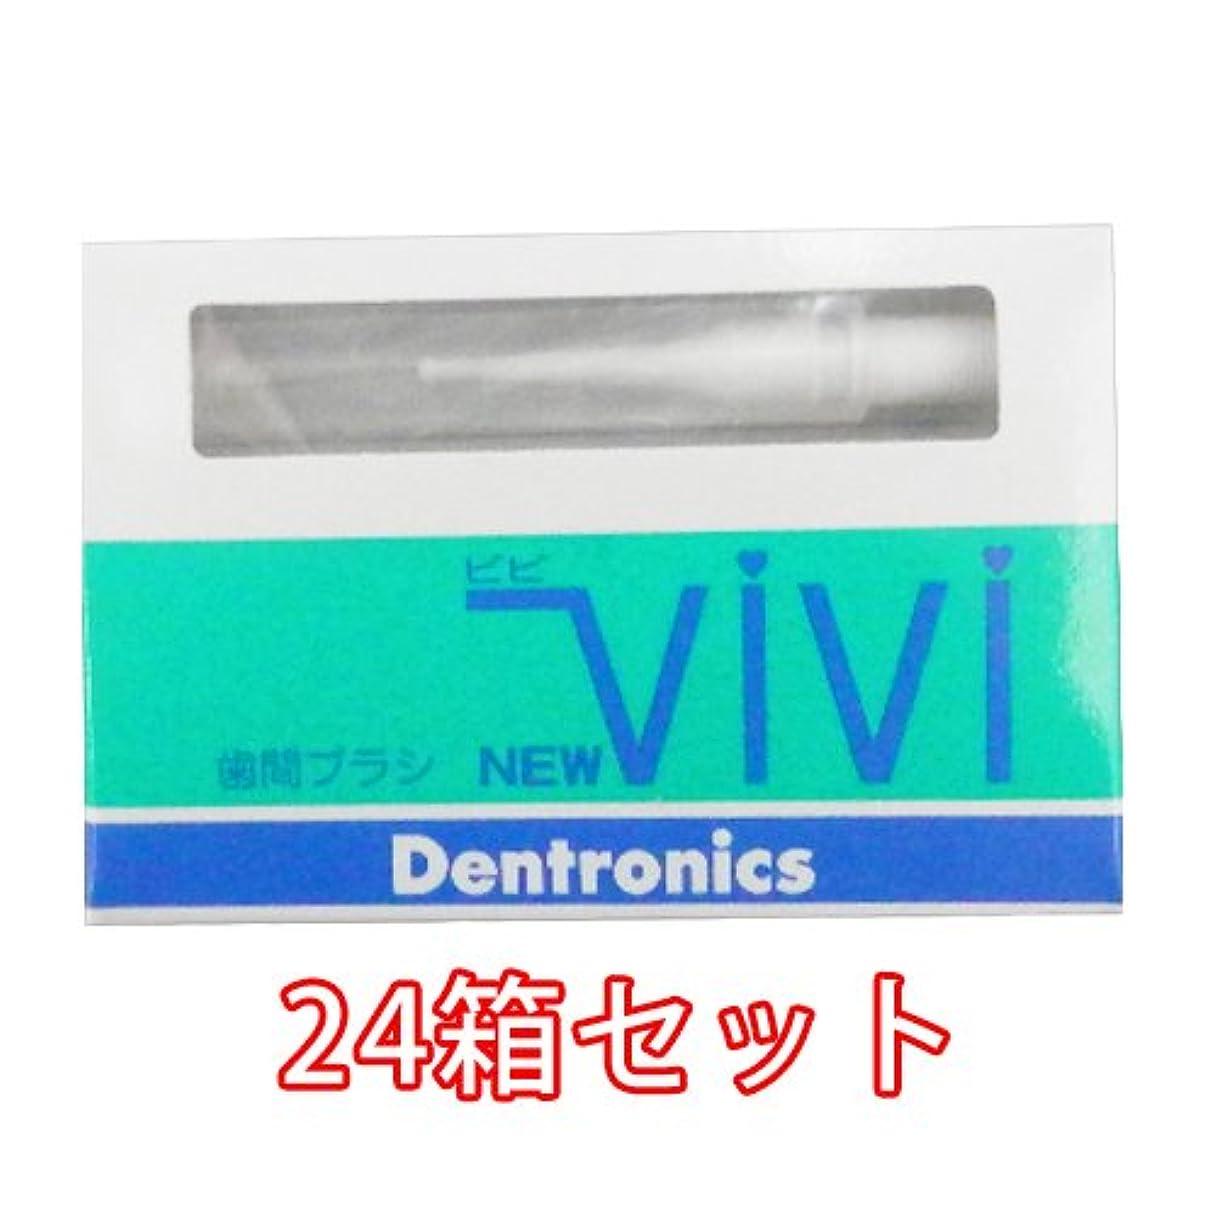 デントロニクス NEWViVi ニュービビ 3本入 × 24パック ホワイト